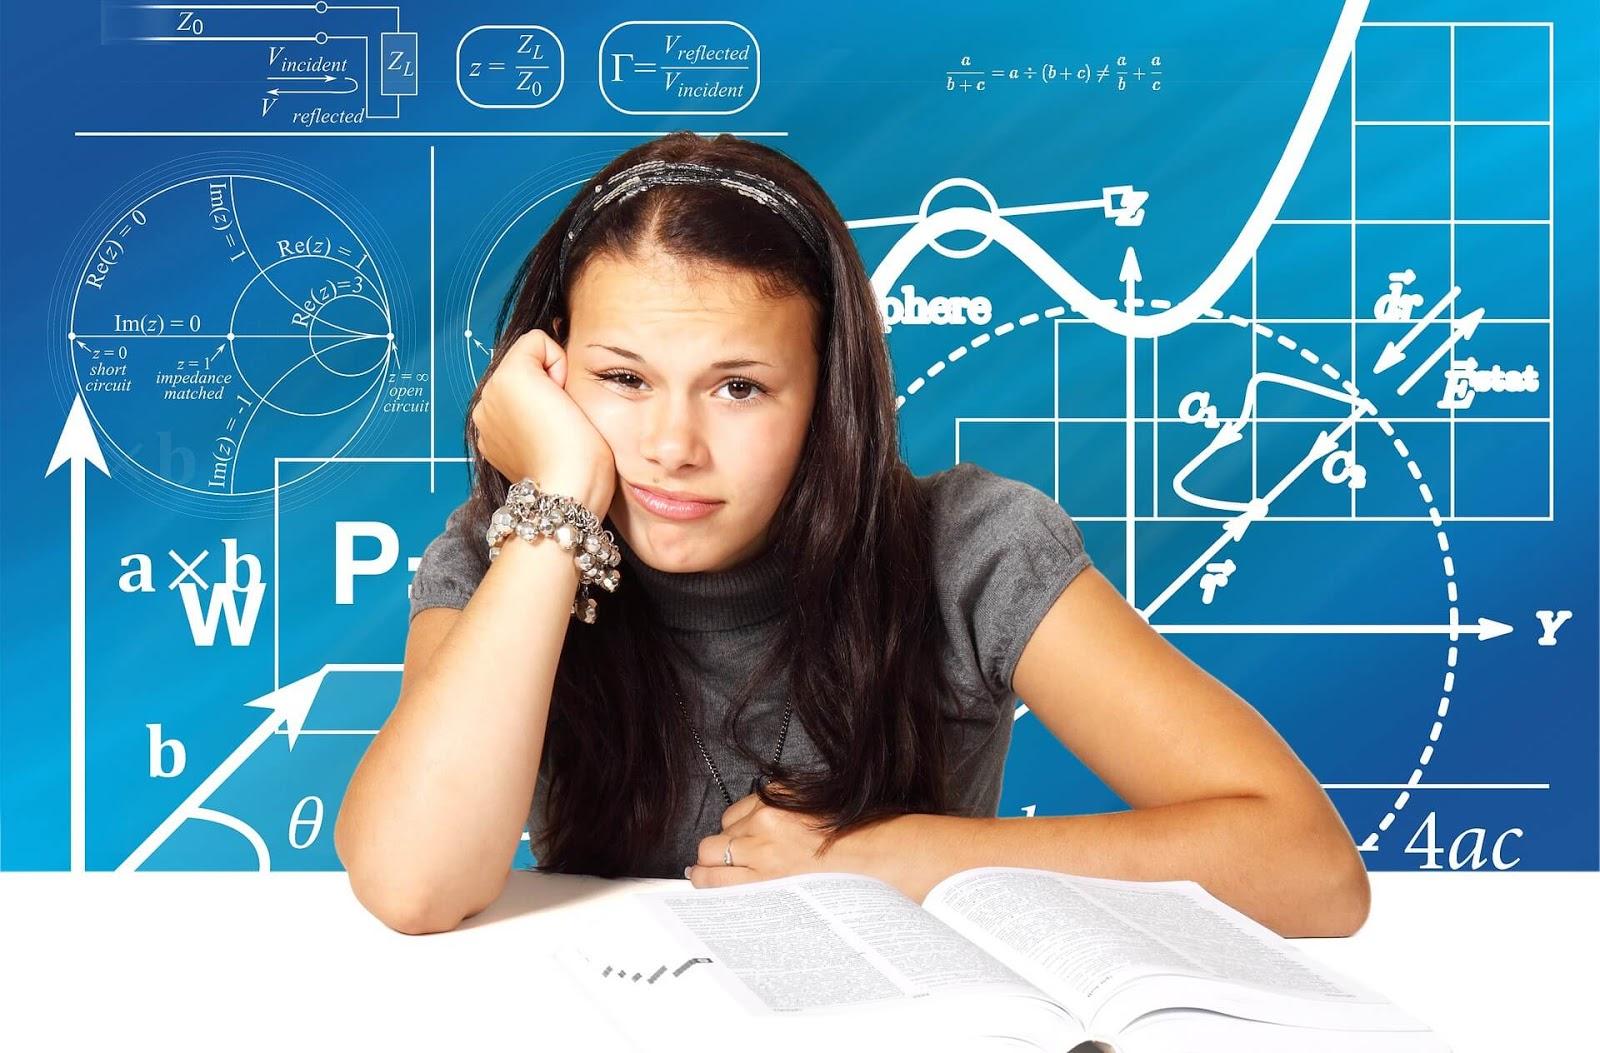 Como vencer a Procrastinação? 7 Dicas infalíveis